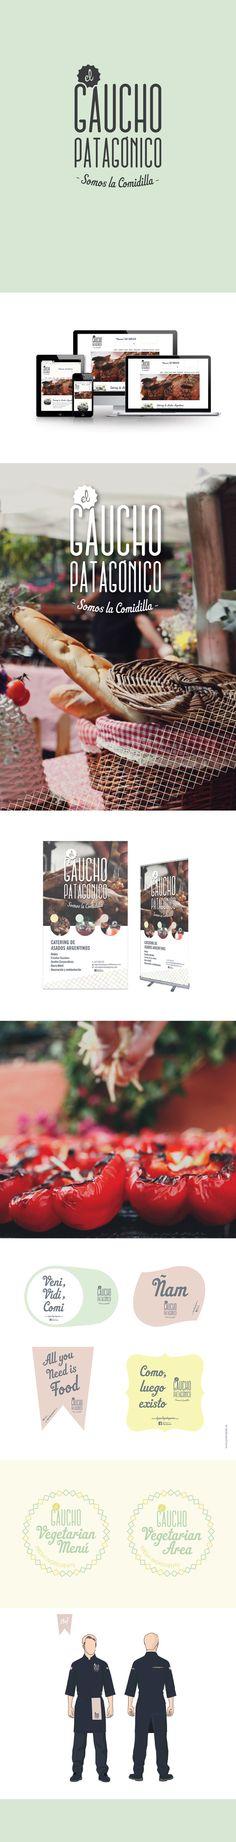 Branding. Identidad y aplicaciones digitales, editoriales, de uniformidad y marcaje. http://www.elgauchopatagonico.com